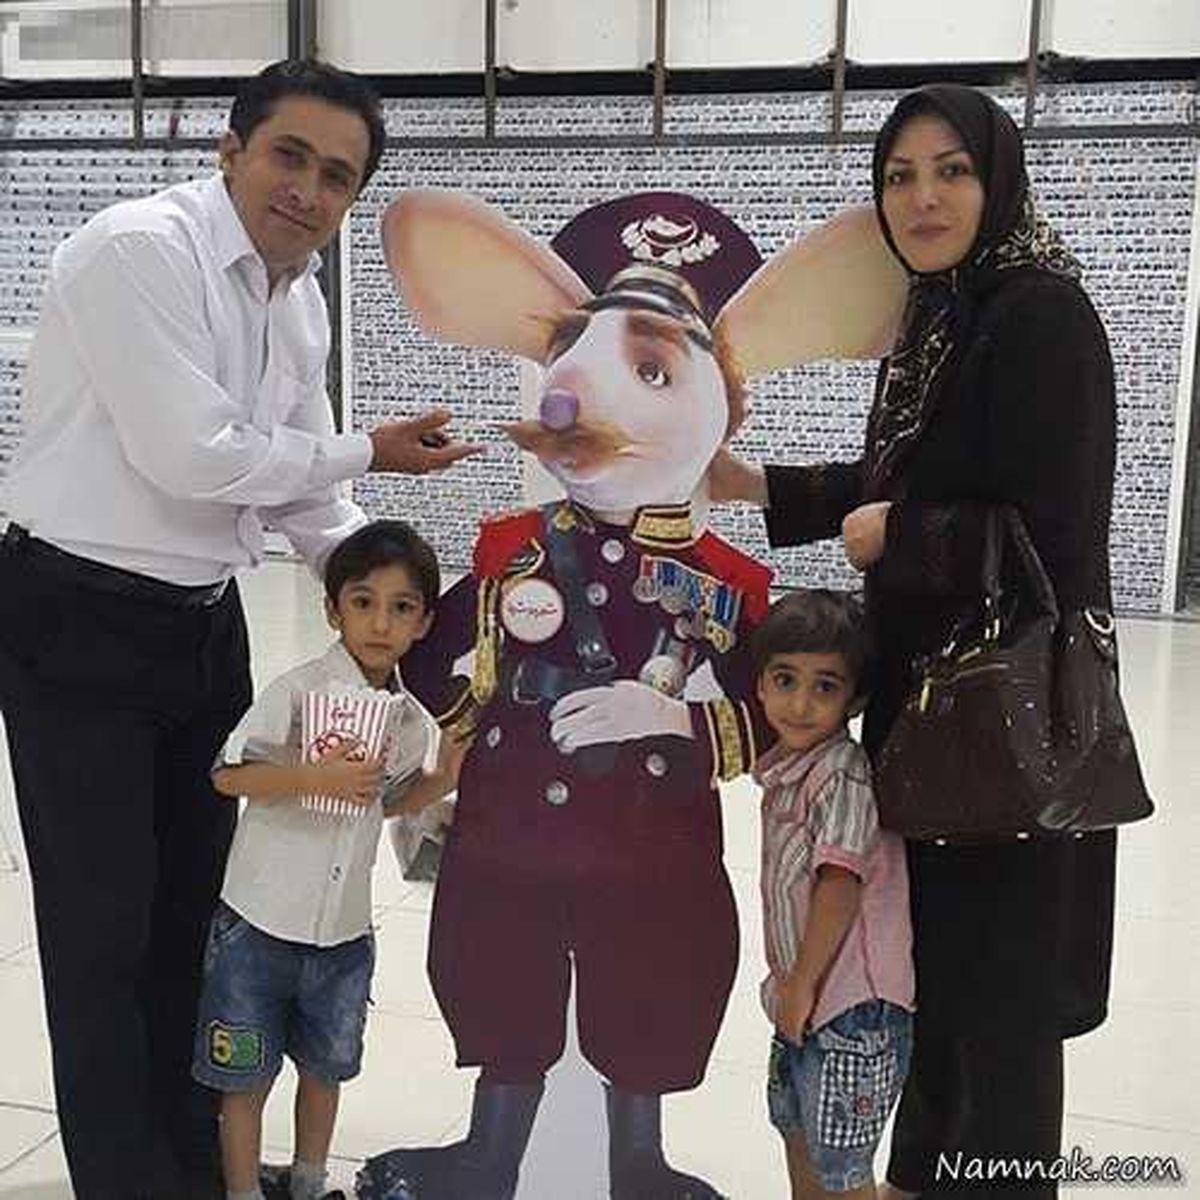 بیوگرافی و ماجرای قتل پدر المیرا شریفی مقدم